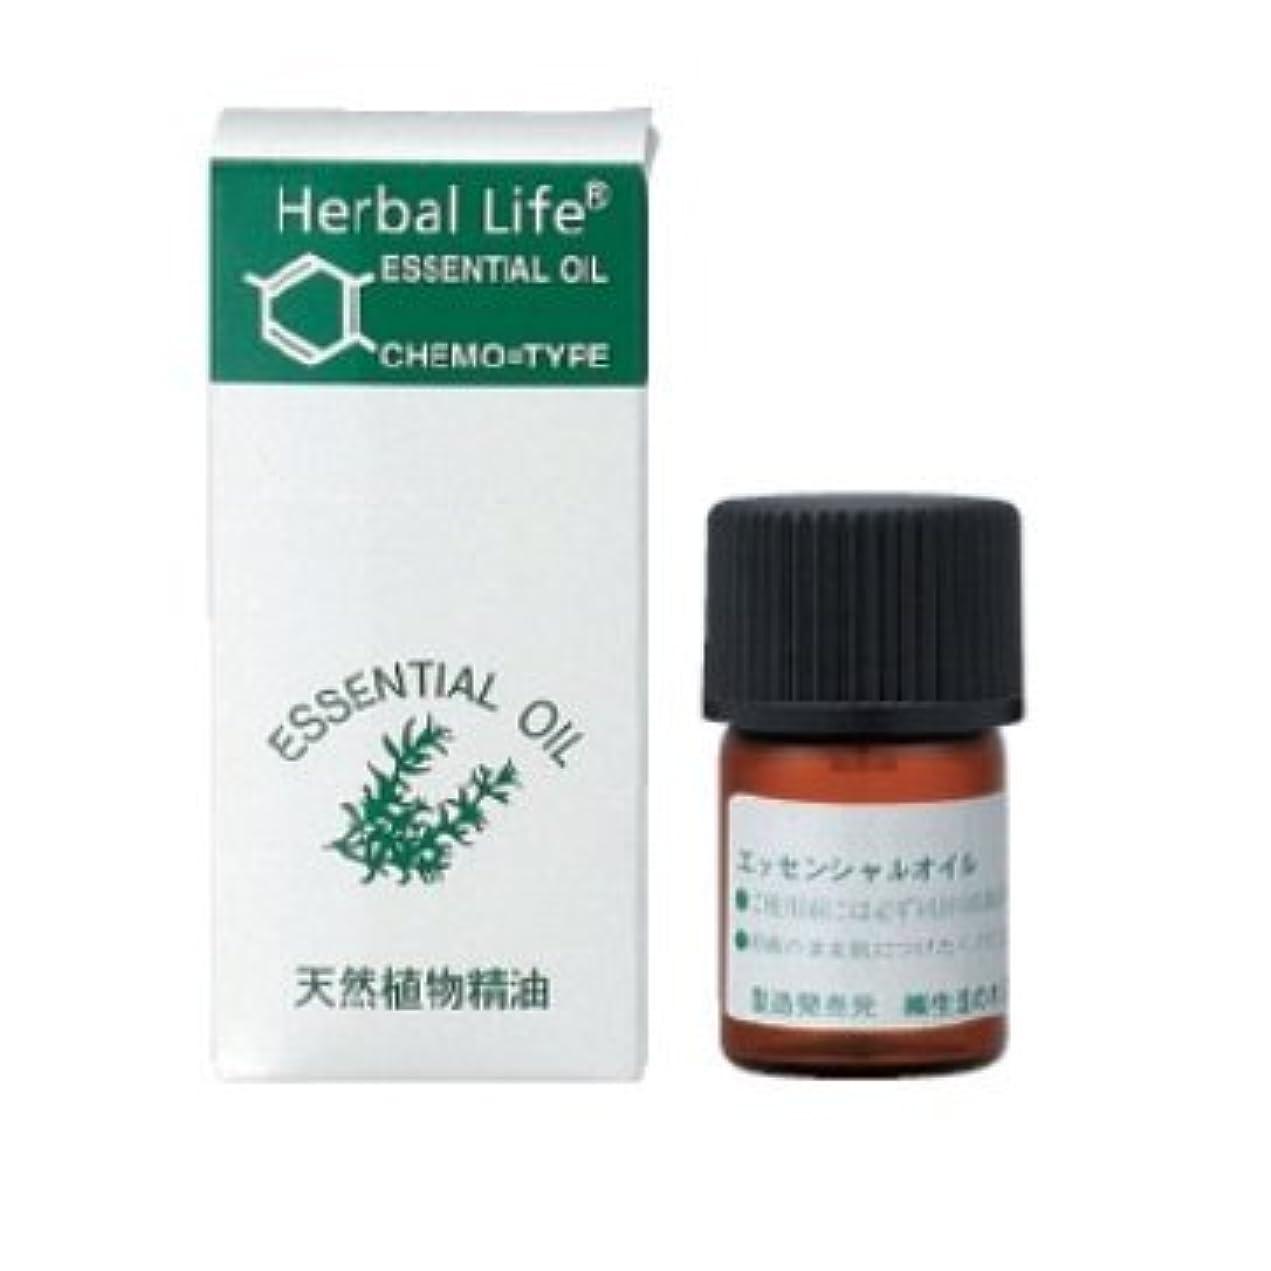 生活の木 エッセンシャルオイル プチグレイン?レモン(3ml)